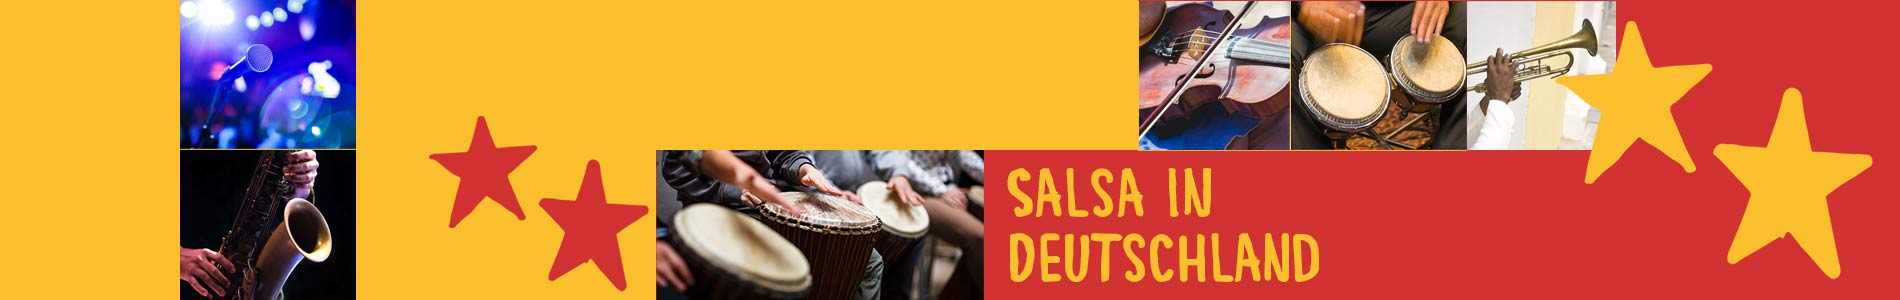 Salsa in Bösdorf – Salsa lernen und tanzen, Tanzkurse, Partys, Veranstaltungen